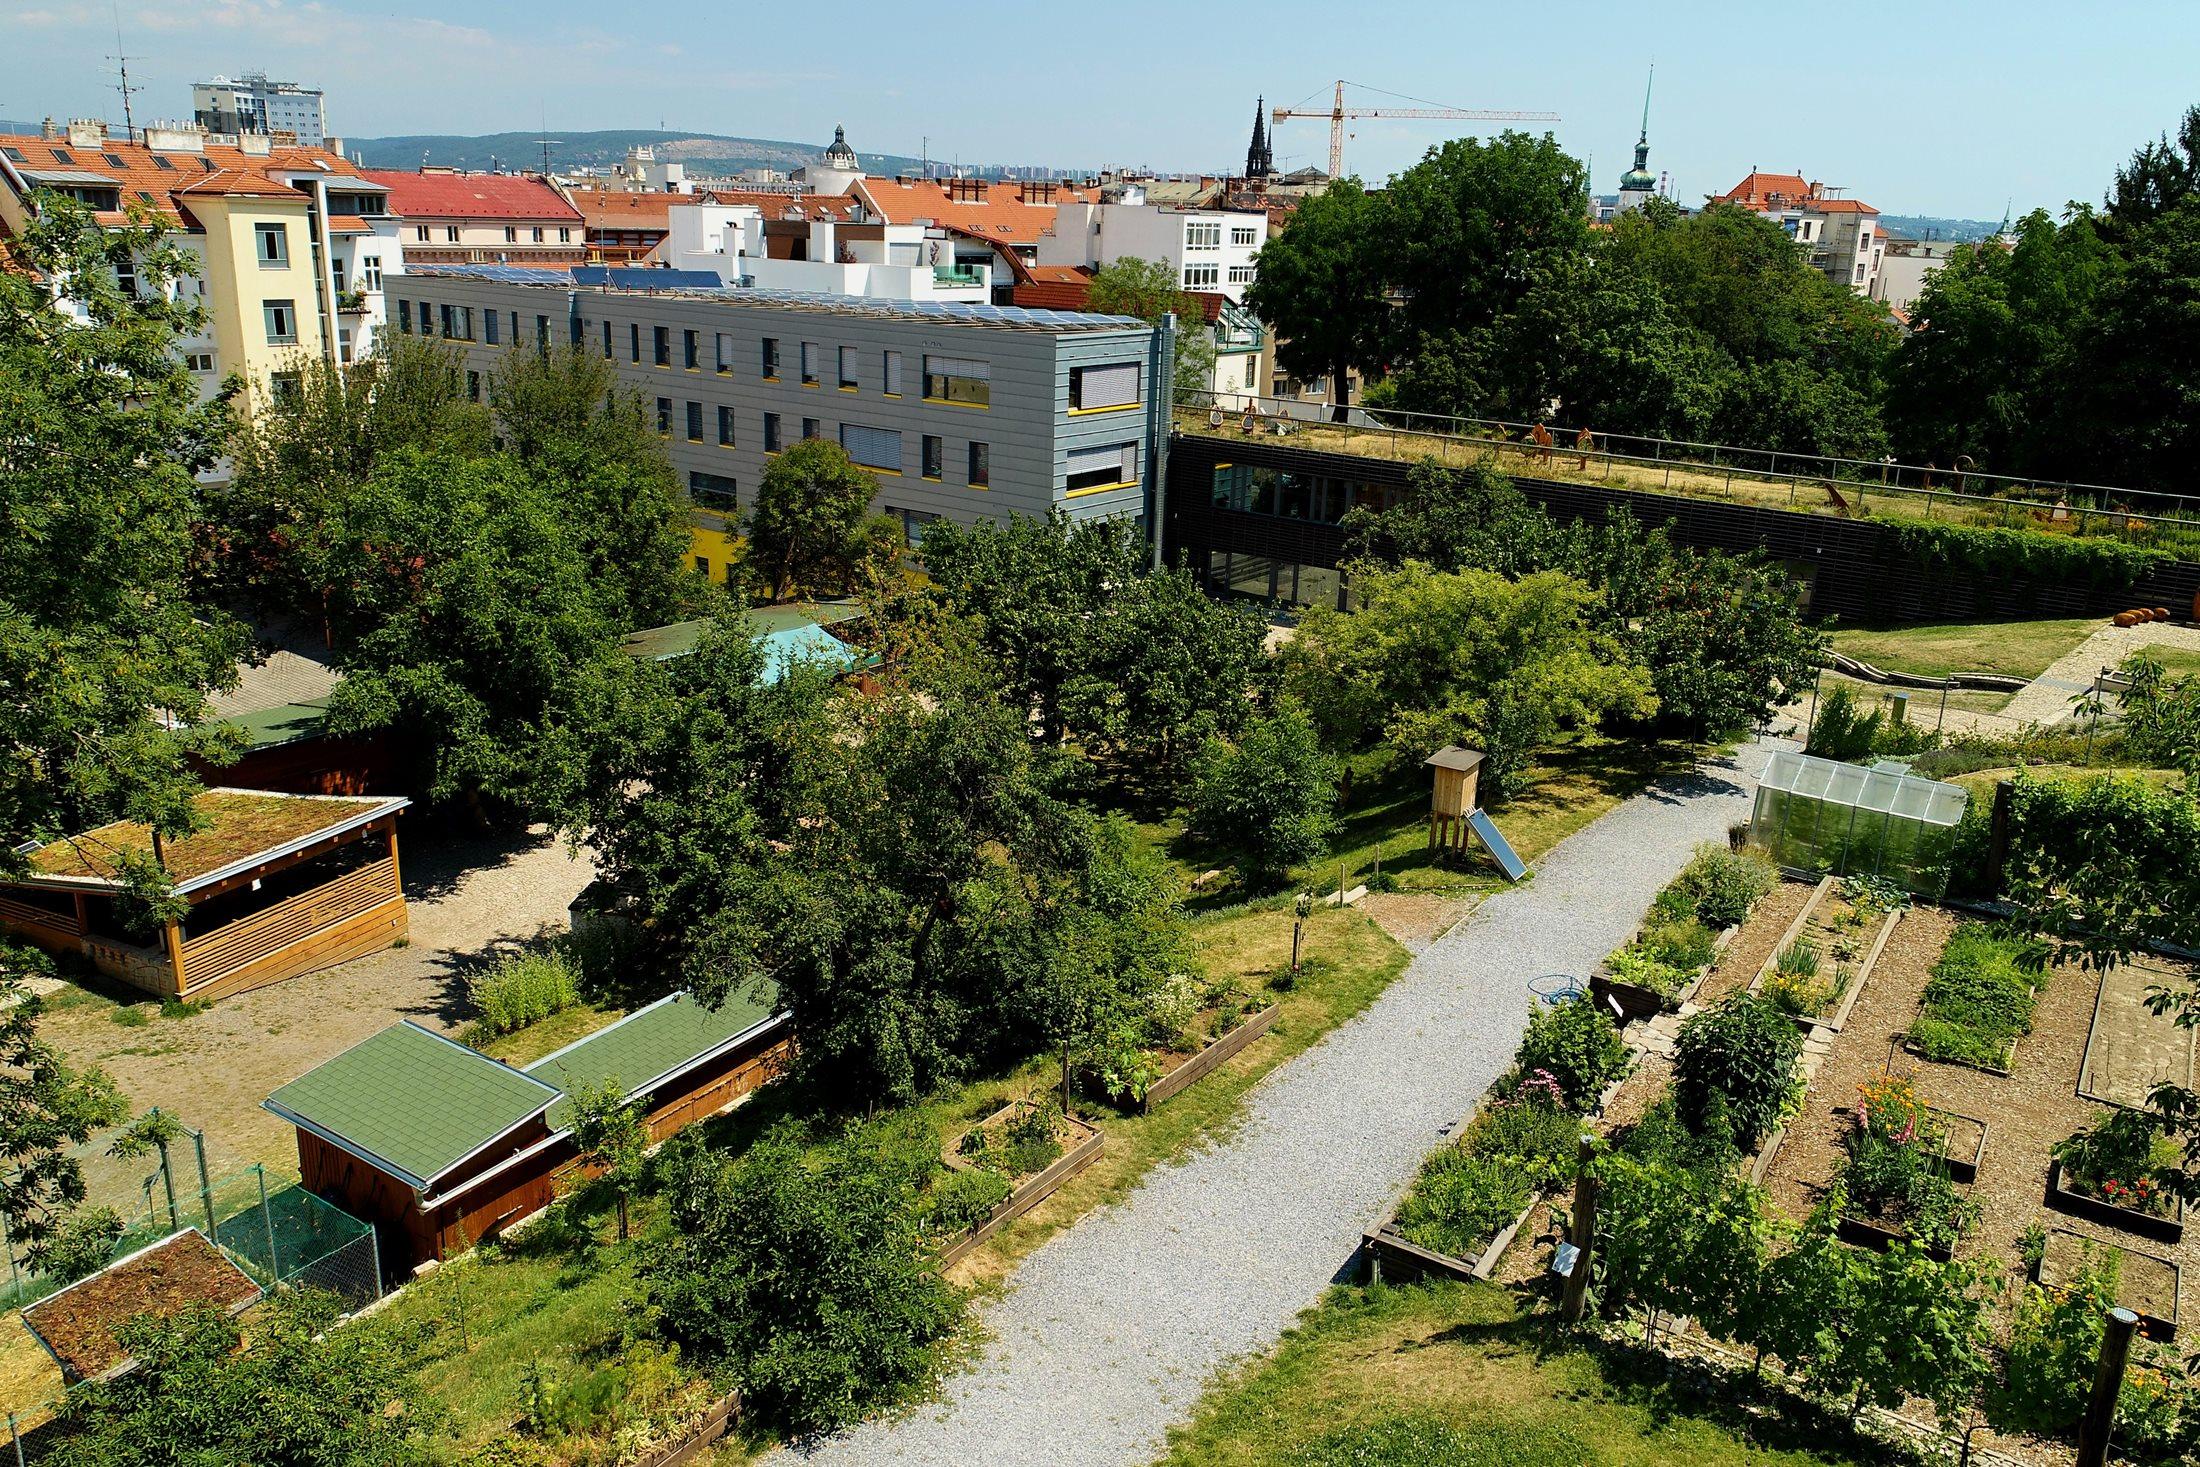 Areál Otevřené zahrady s extenzivními zelenými střechami  vlevo dole a intenzivní zelenou střechou vzadu; červenec 2018